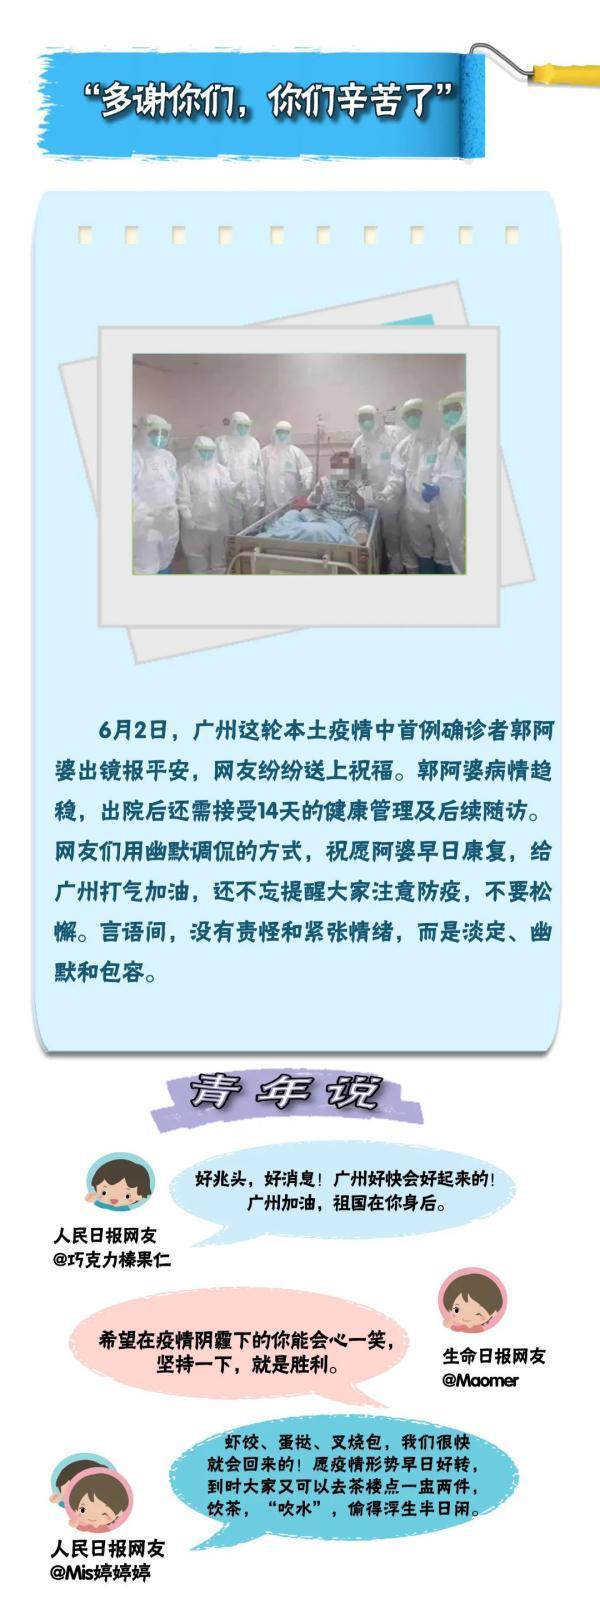 中国人的故事|暖镜头:7亿剂次,每个人都是一道防线 全球新闻风头榜 第3张